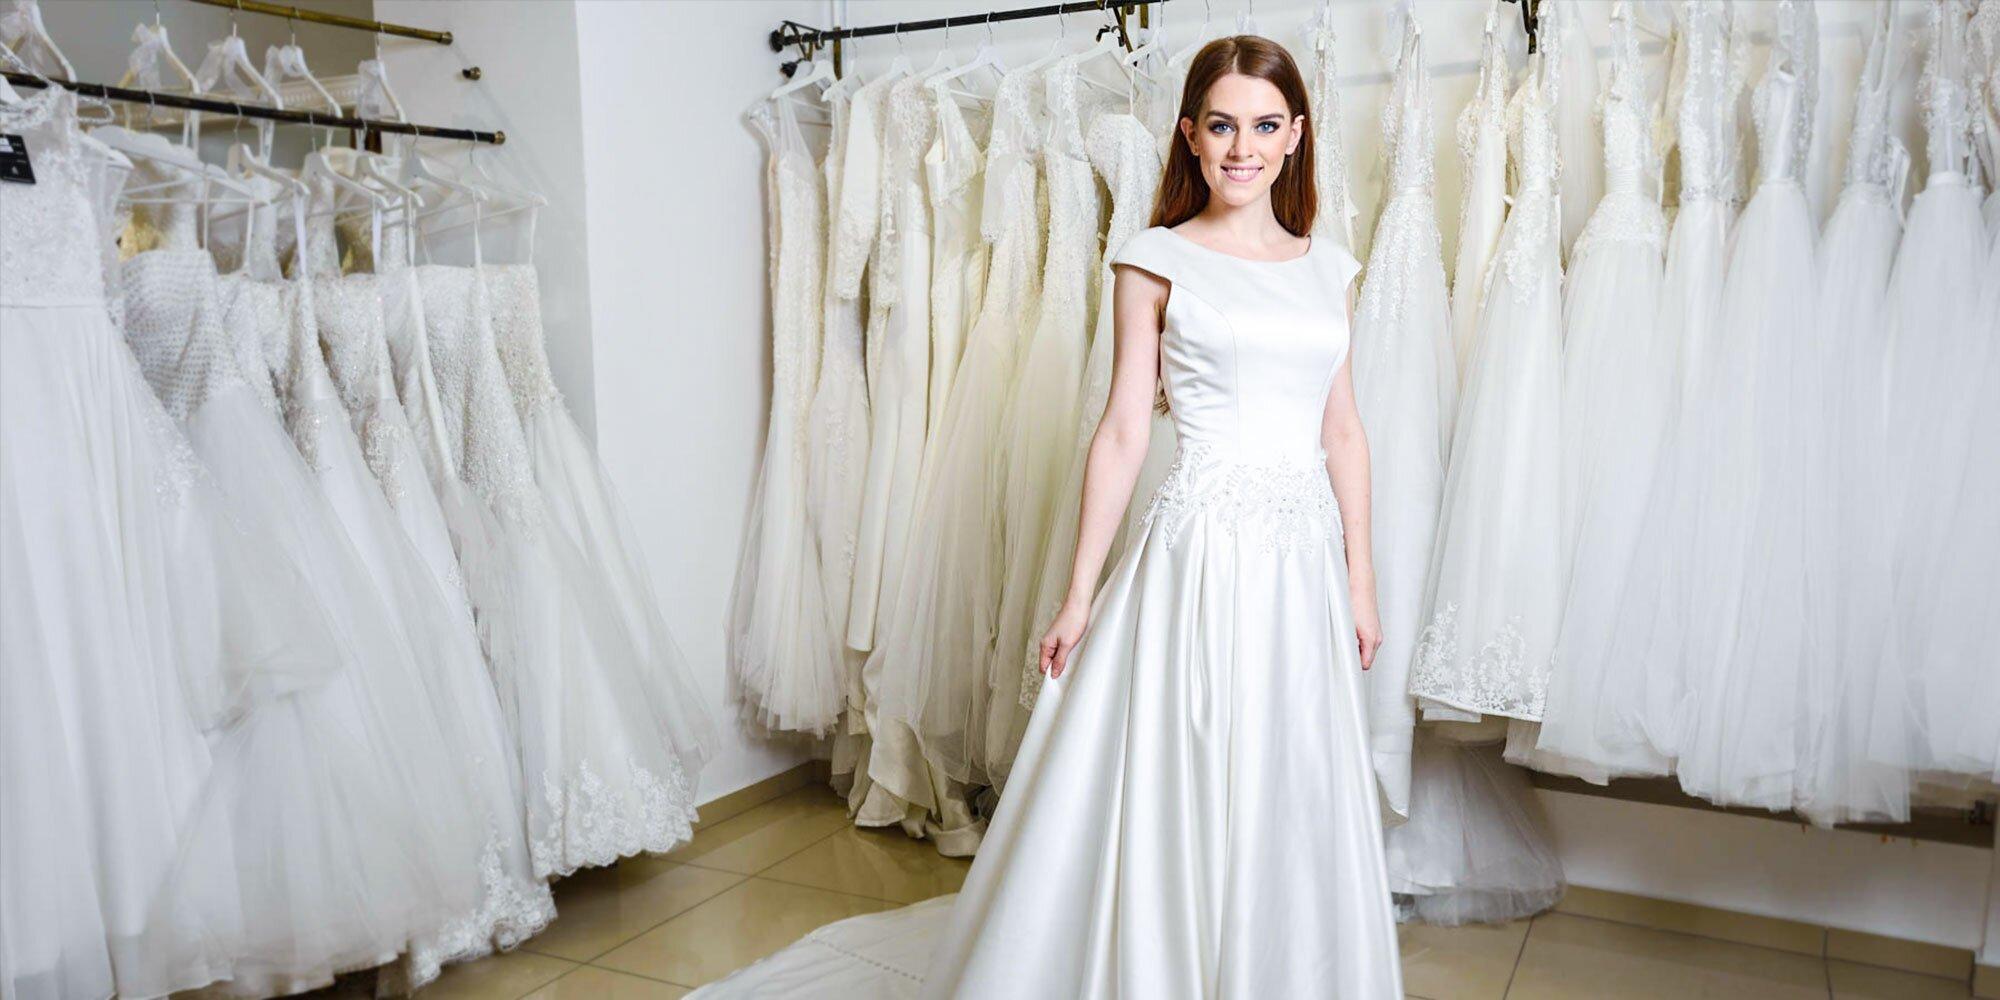 Zľava na požičanie svadobných šiat a kúpu exkluzívnych spoločenských šiat v  AZ collection  5232a7a7cd0